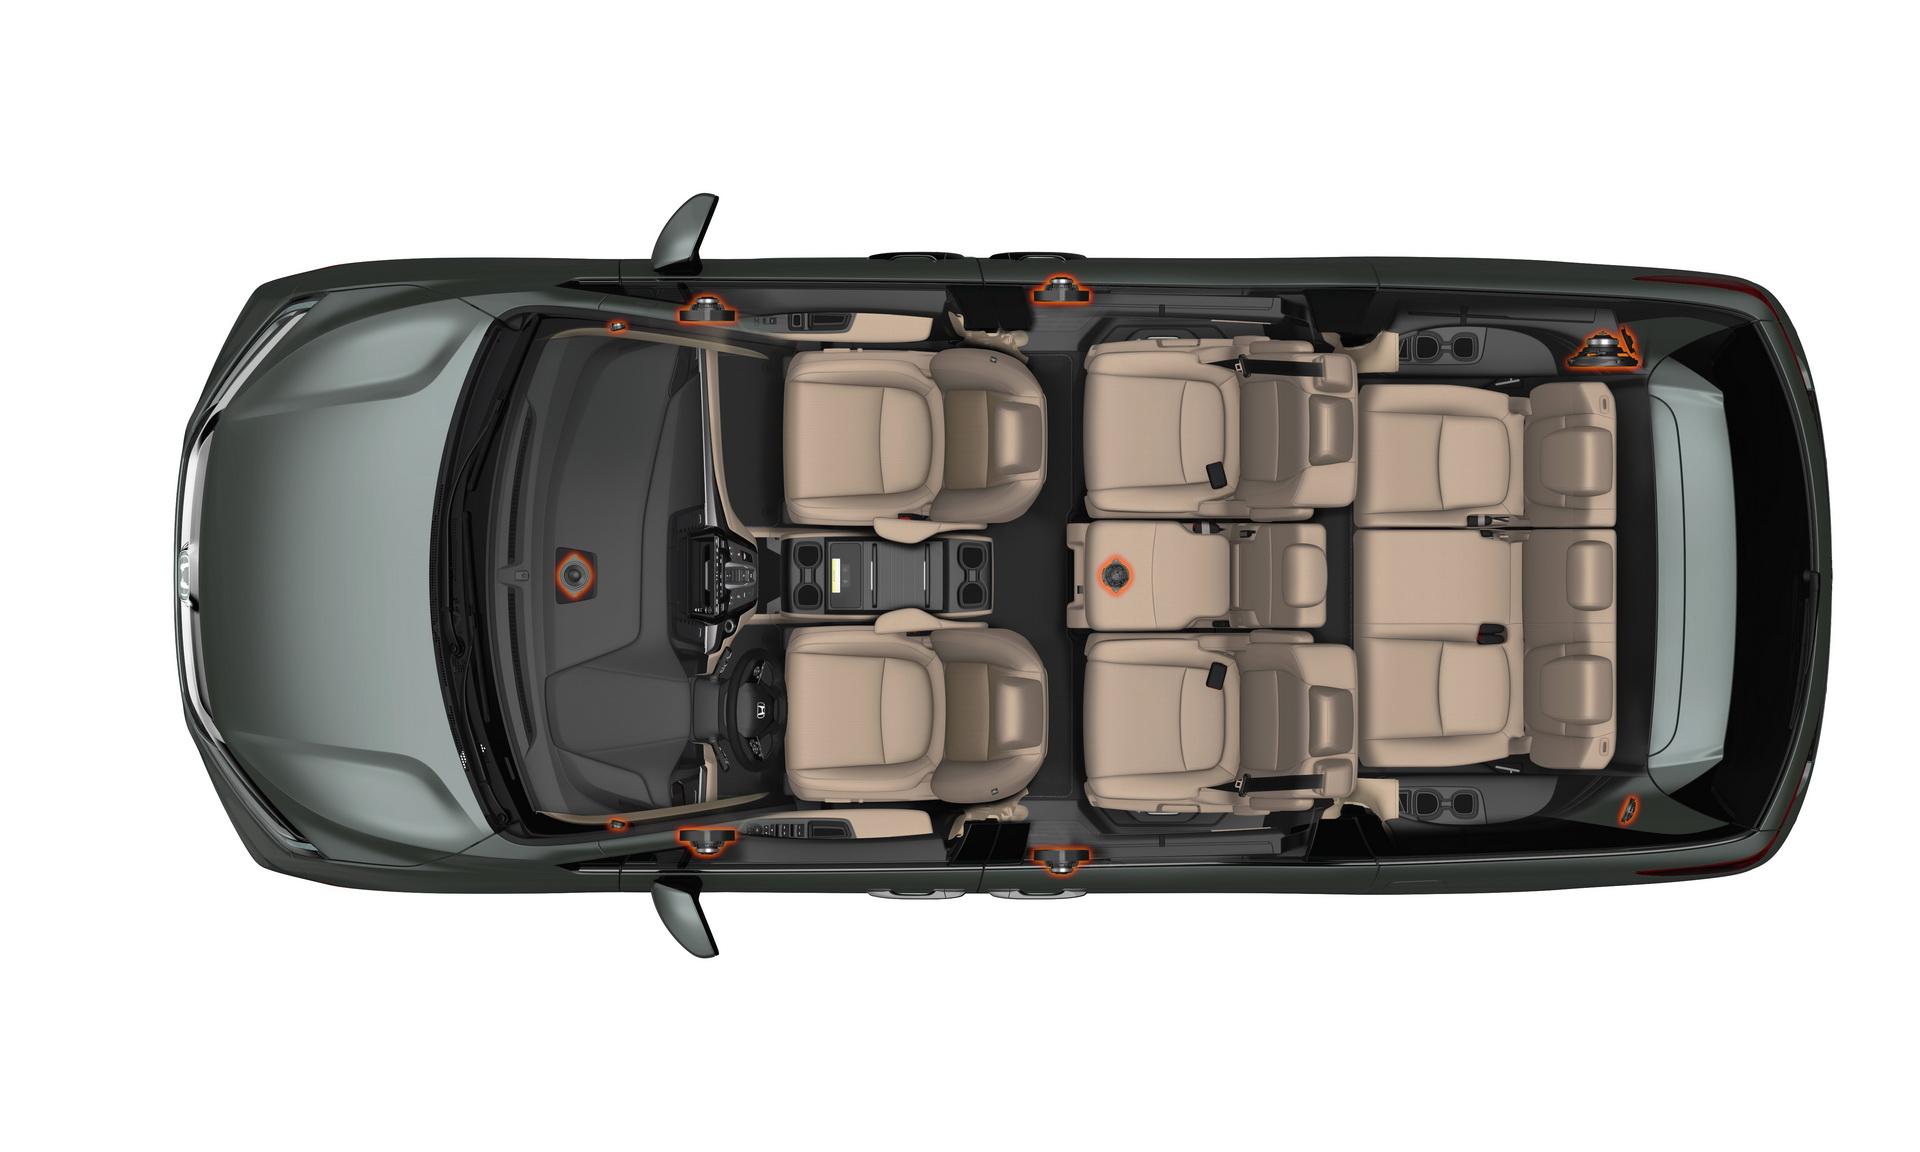 Honda Odyssey 2020 phiên bản đặc biệt nâng cấp - 3